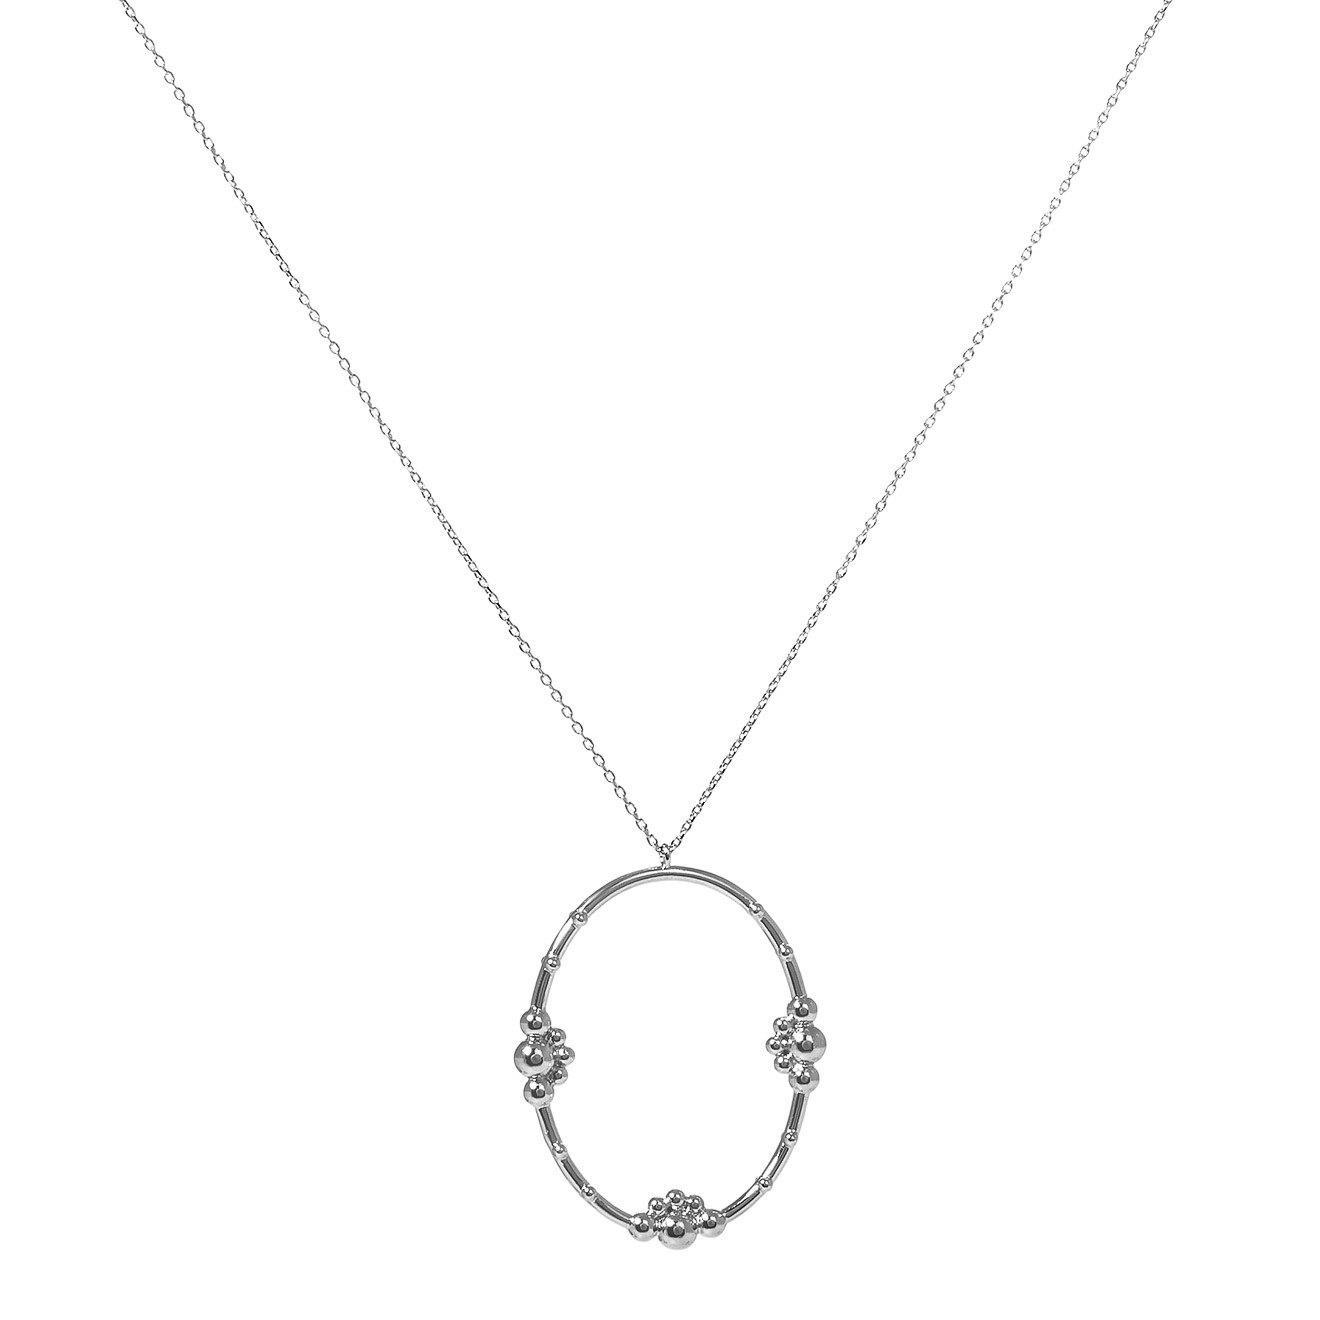 Mya Bay Покрытое серебром колье «Samula»